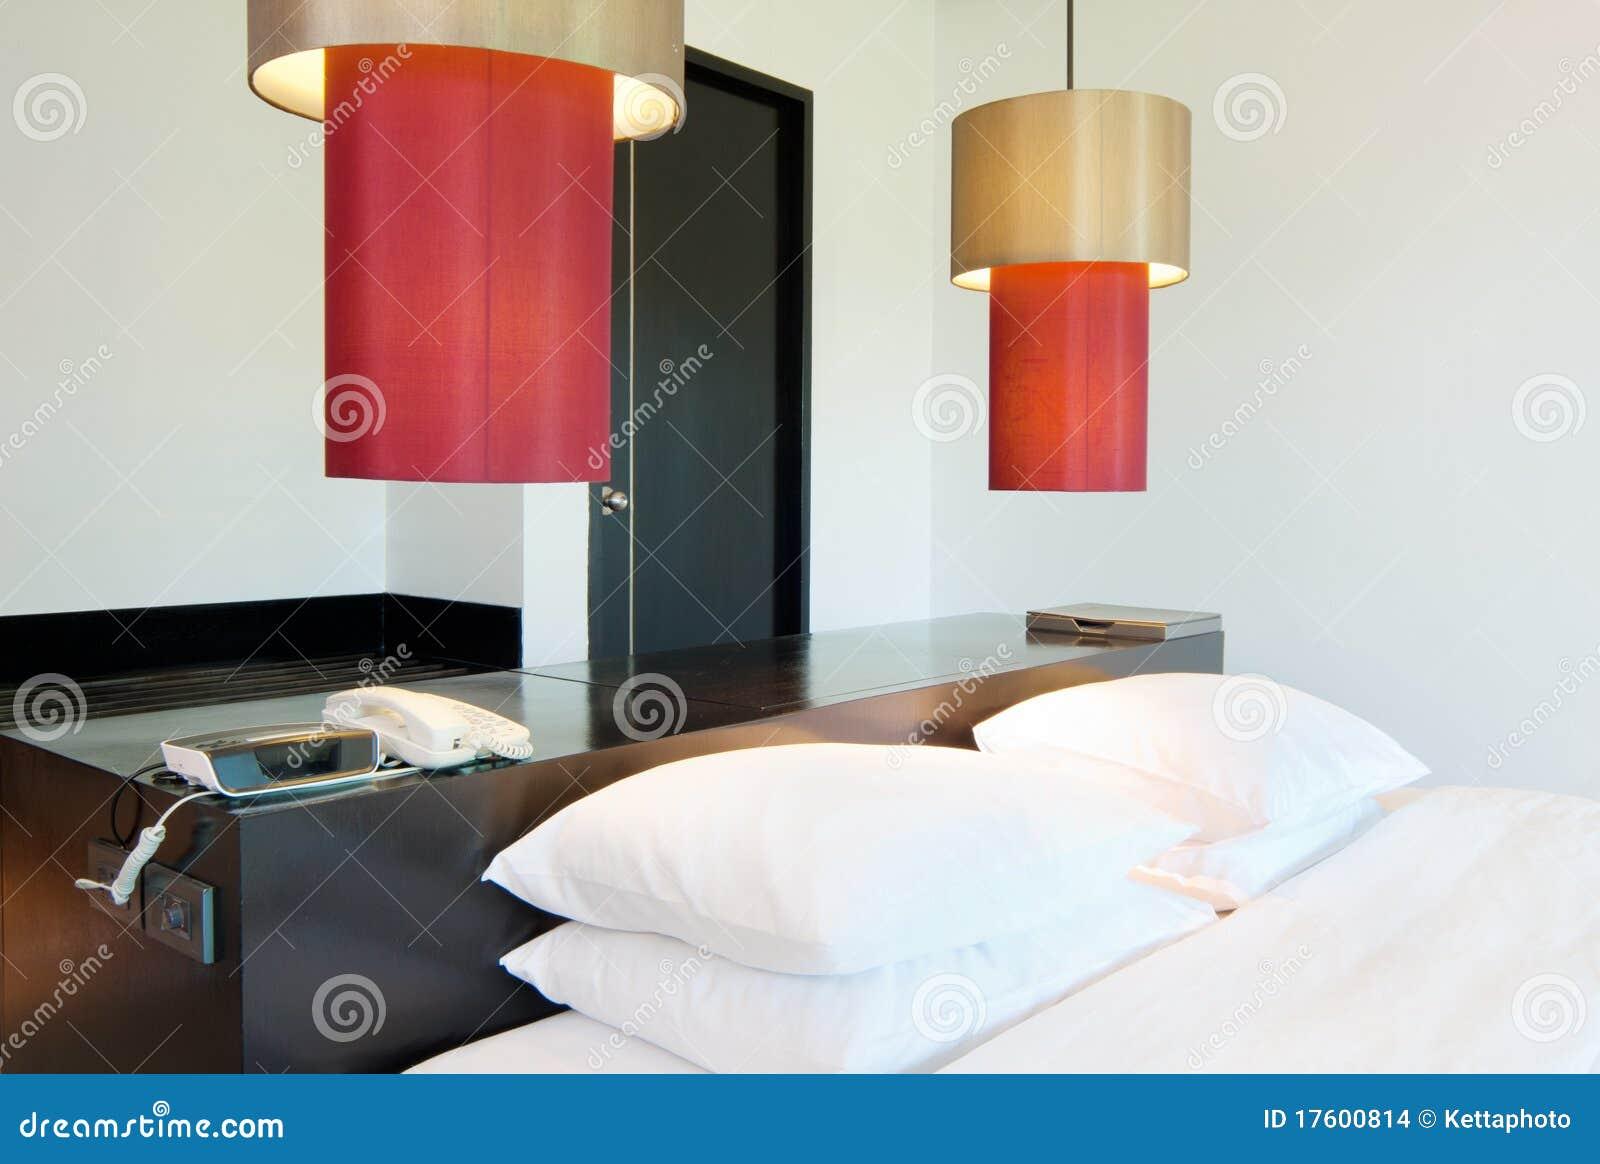 奢侈旅馆客房